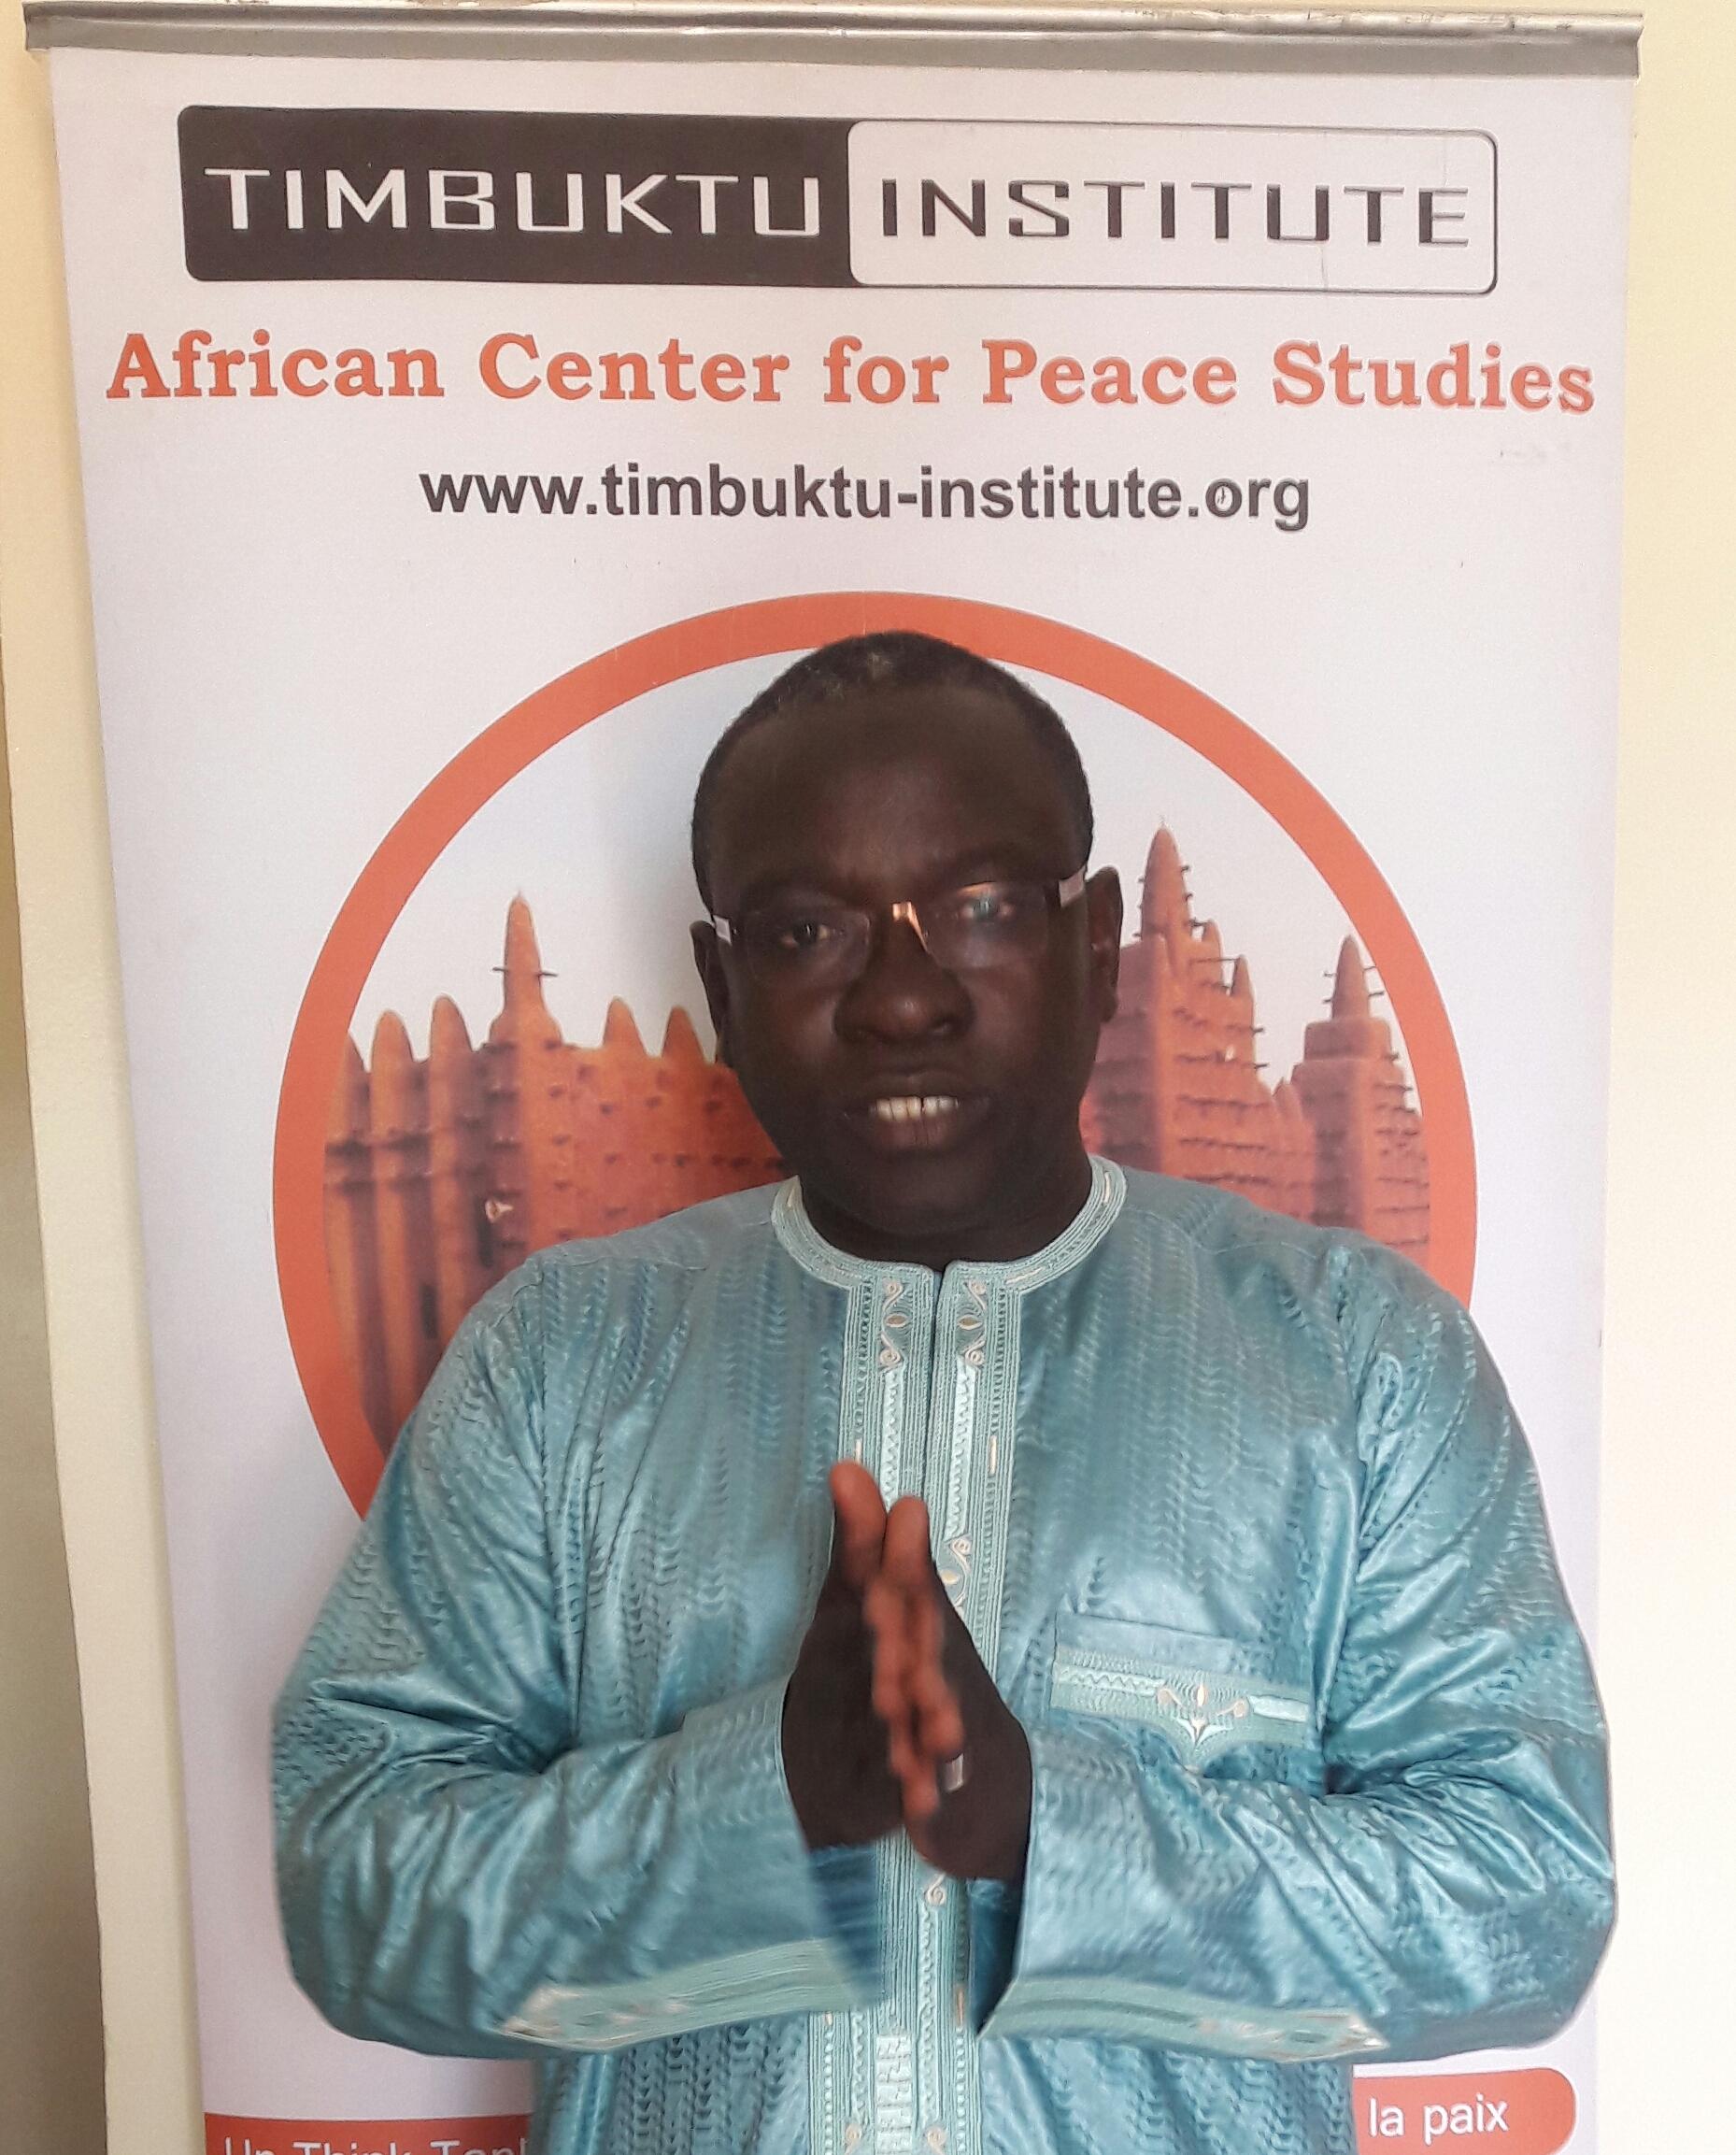 Visite Cazeneuve – PACT « La France pourrait s'inspirer de l'expérience sénégalaise en résilience communautaire au terrorisme » selon Bakary Sambe